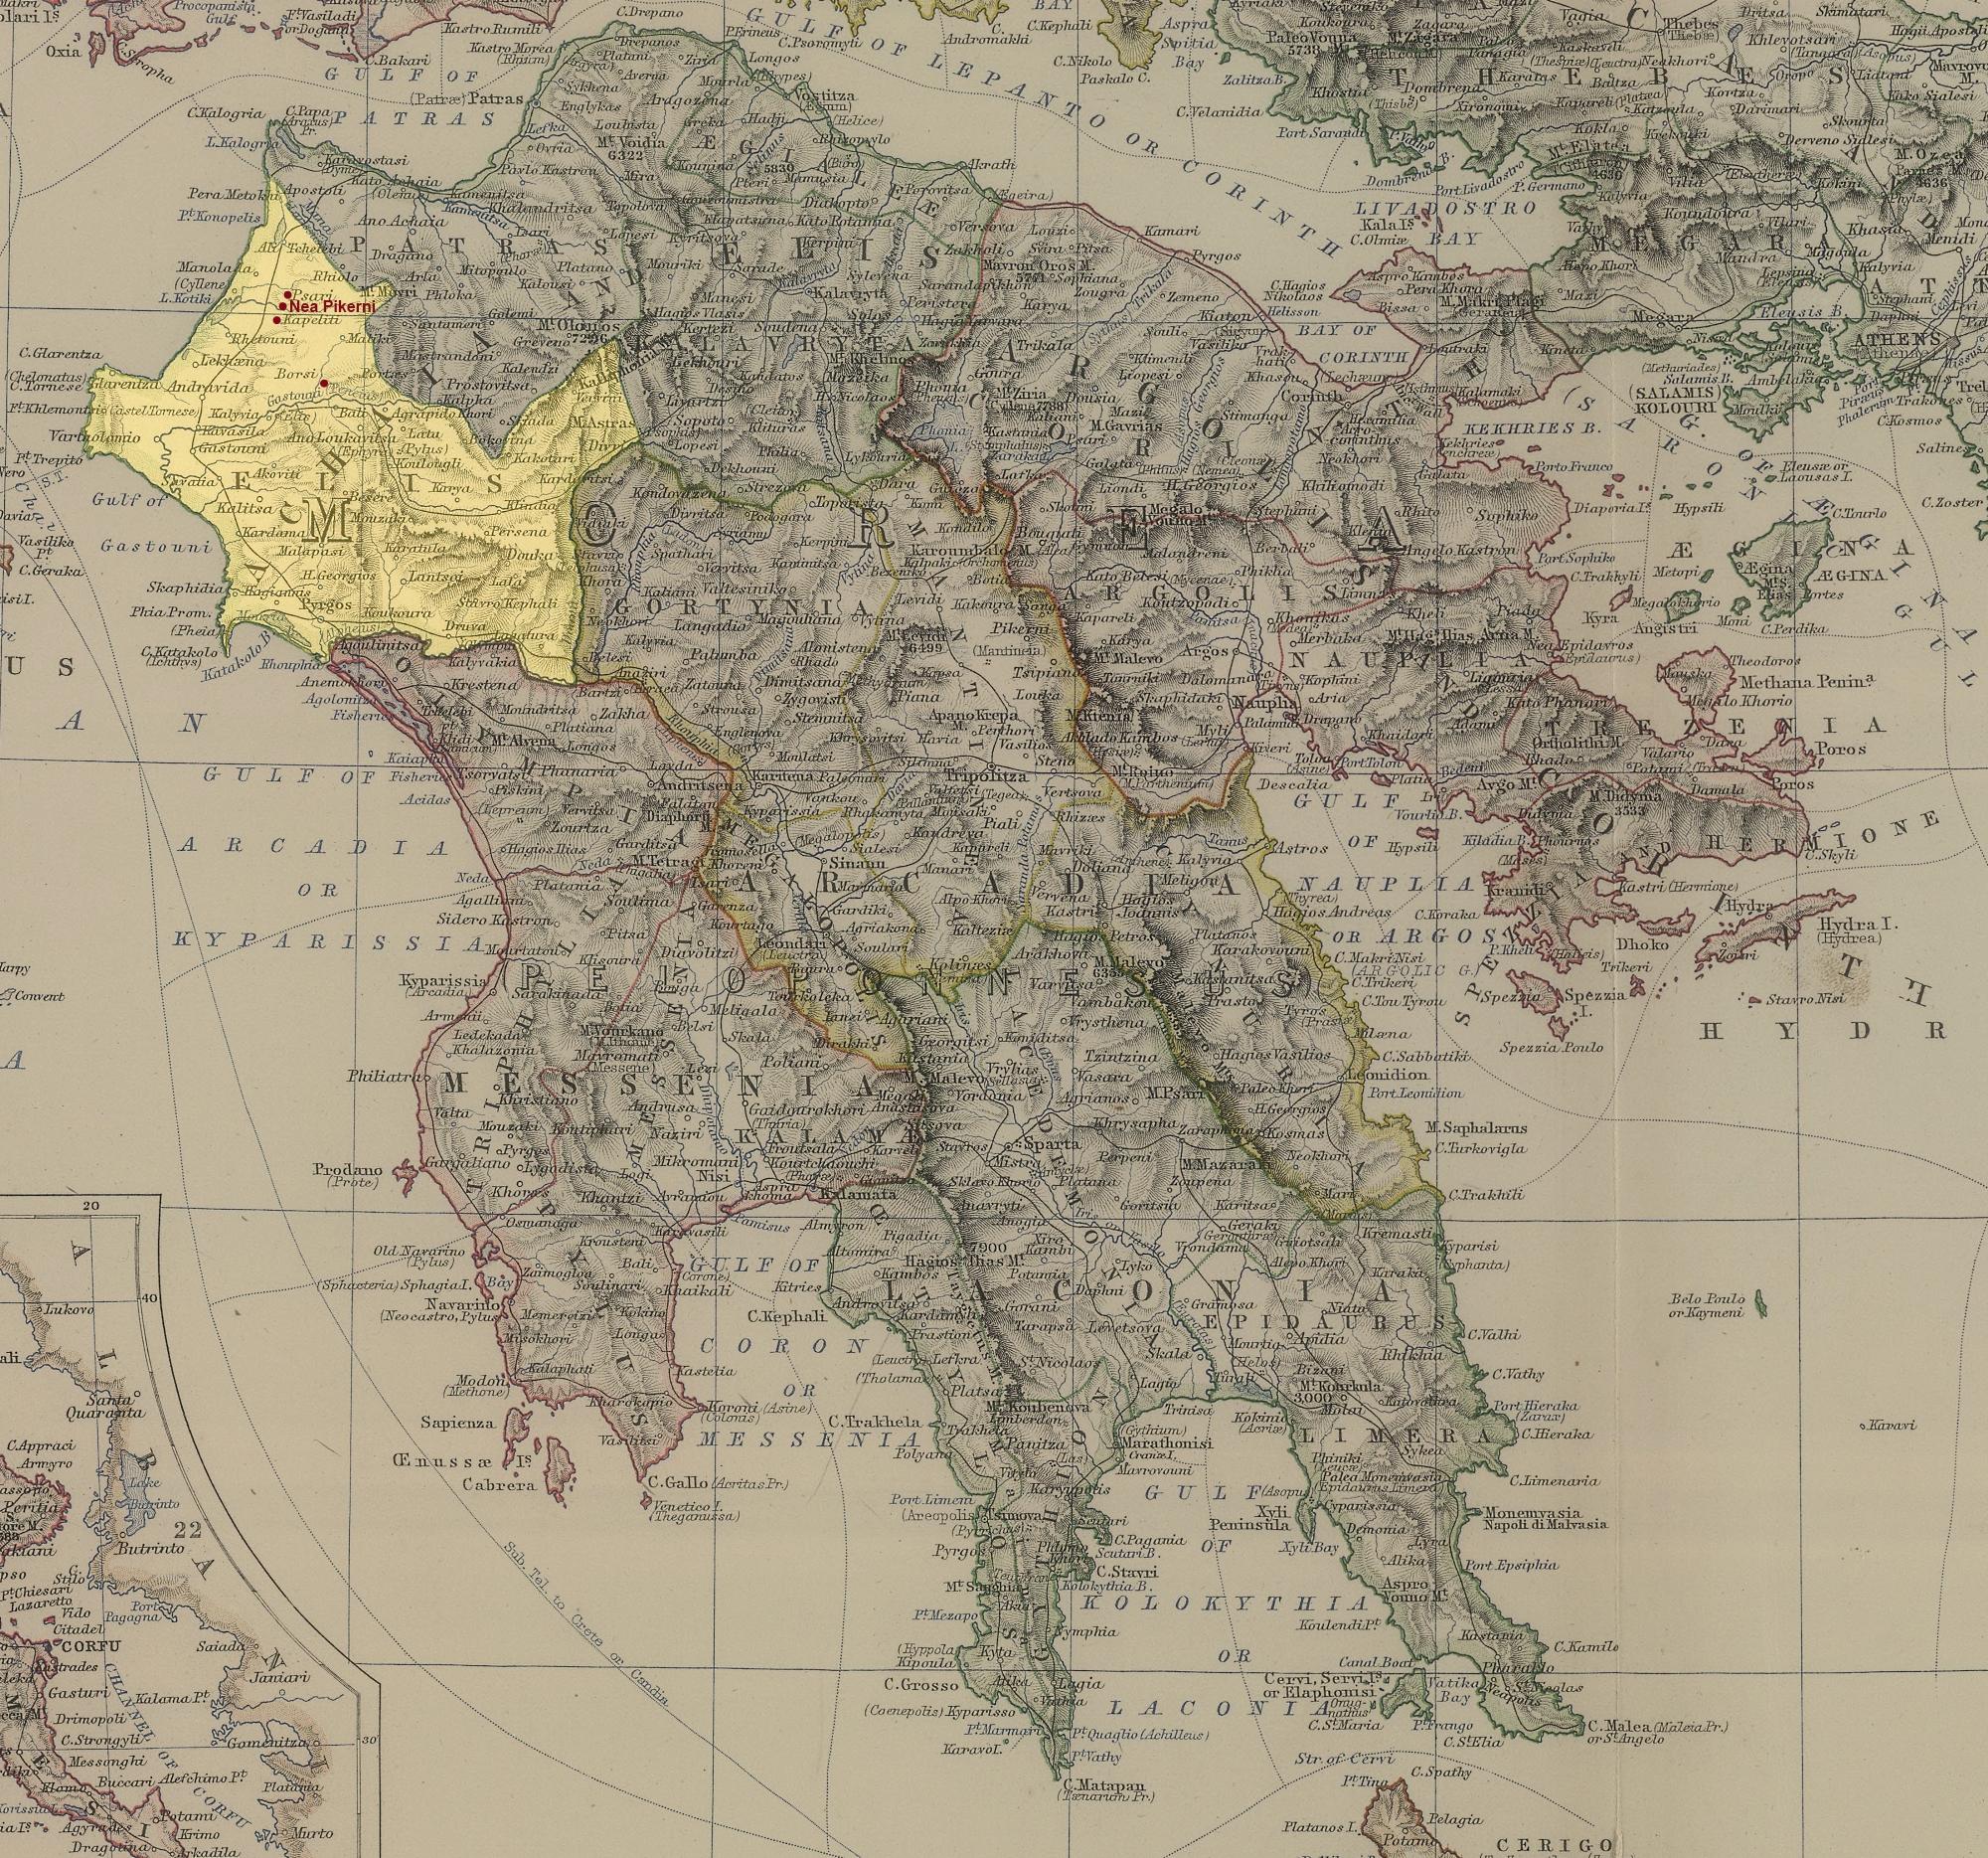 Mappa storica del Peloponneso datata 1879 con l indicazione della posizione geografica del nuovo insediamento di Nea Pikerni a sinistra